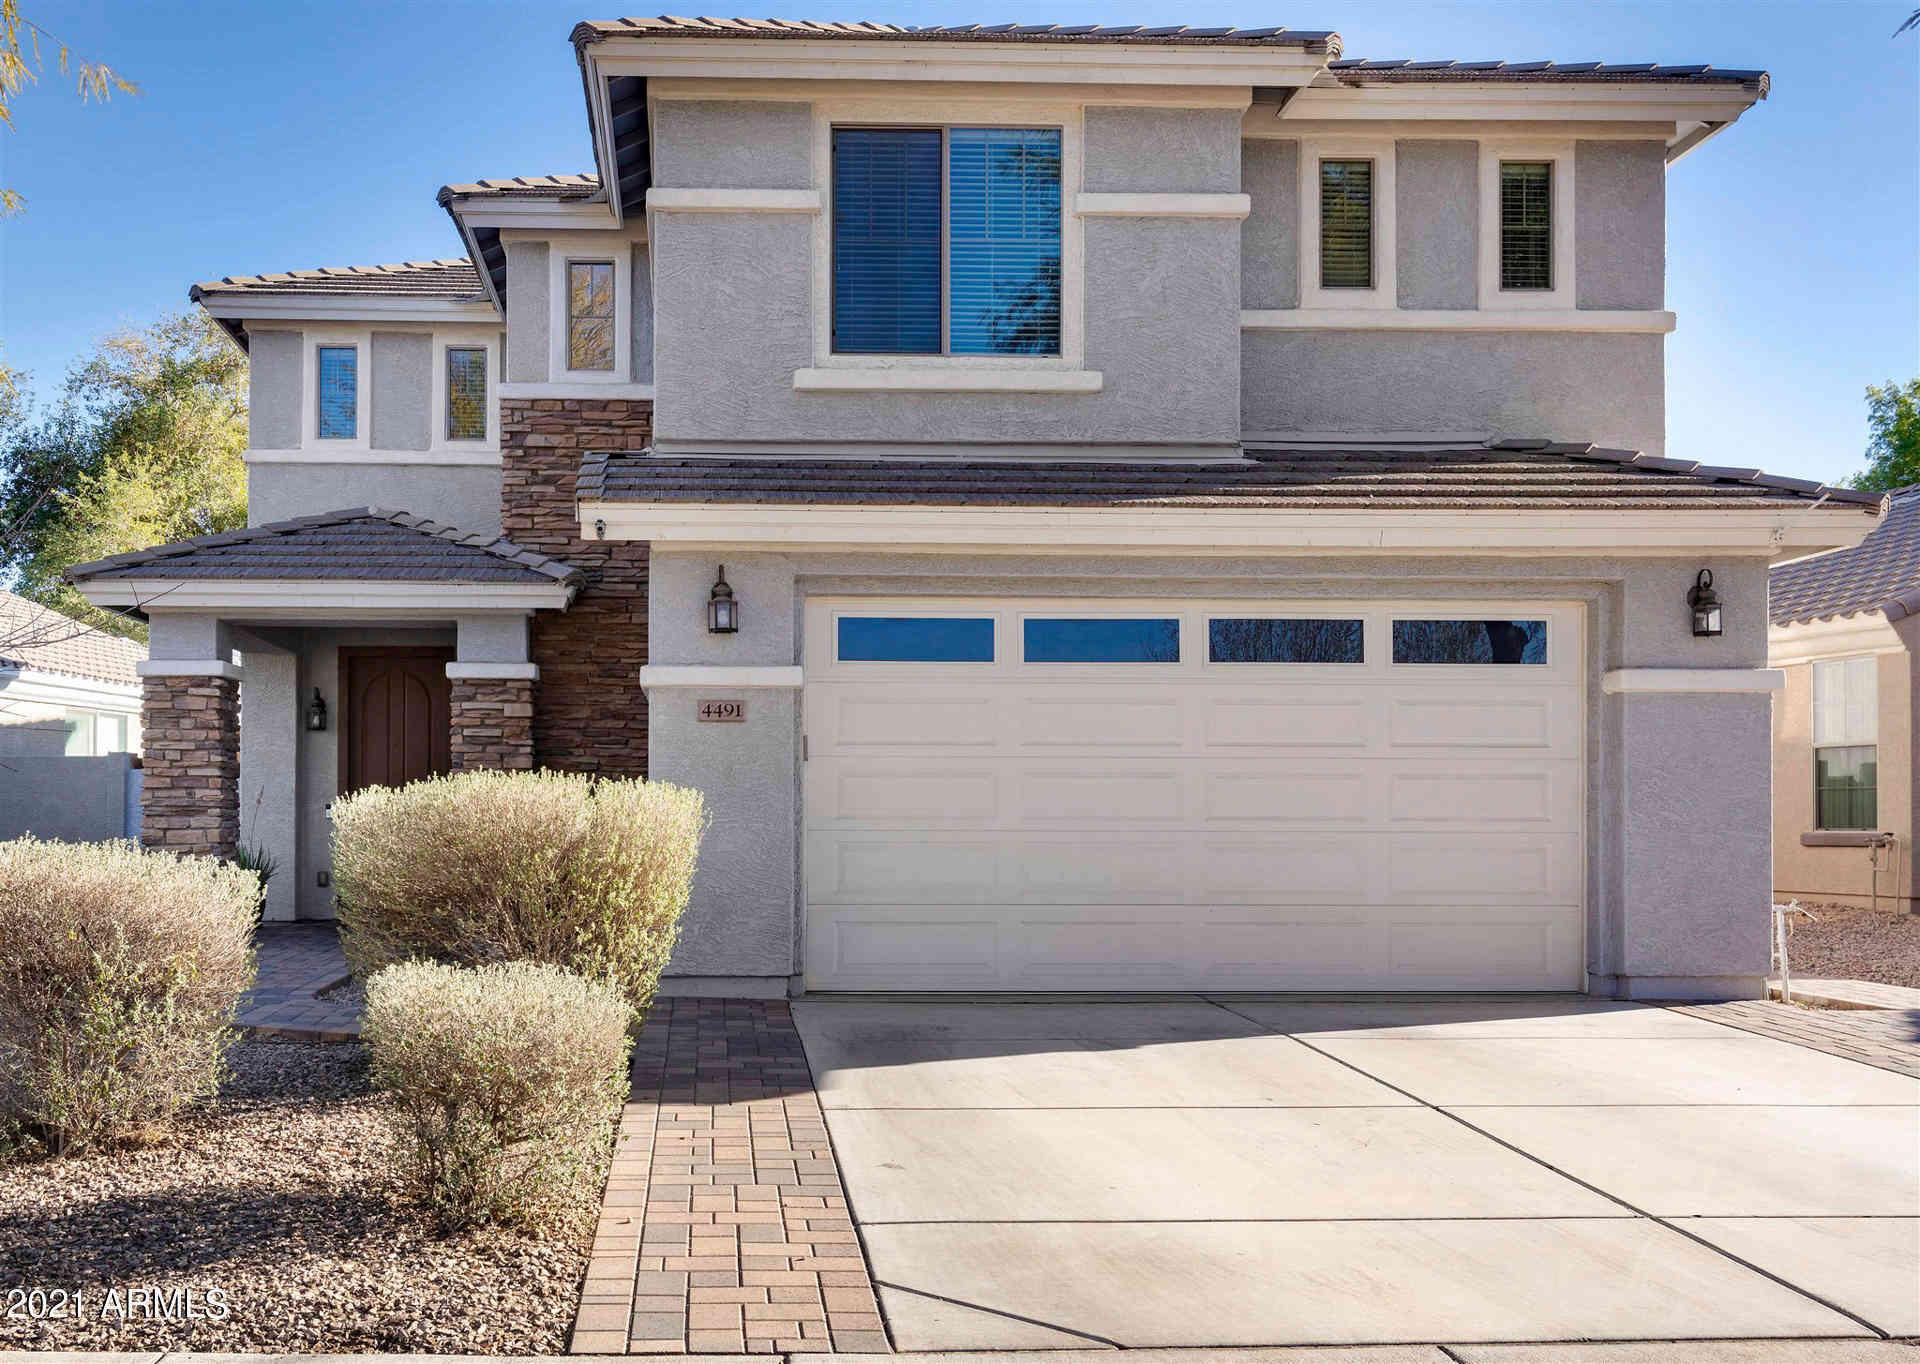 4491 E MELROSE Street, Gilbert, AZ, 85297,